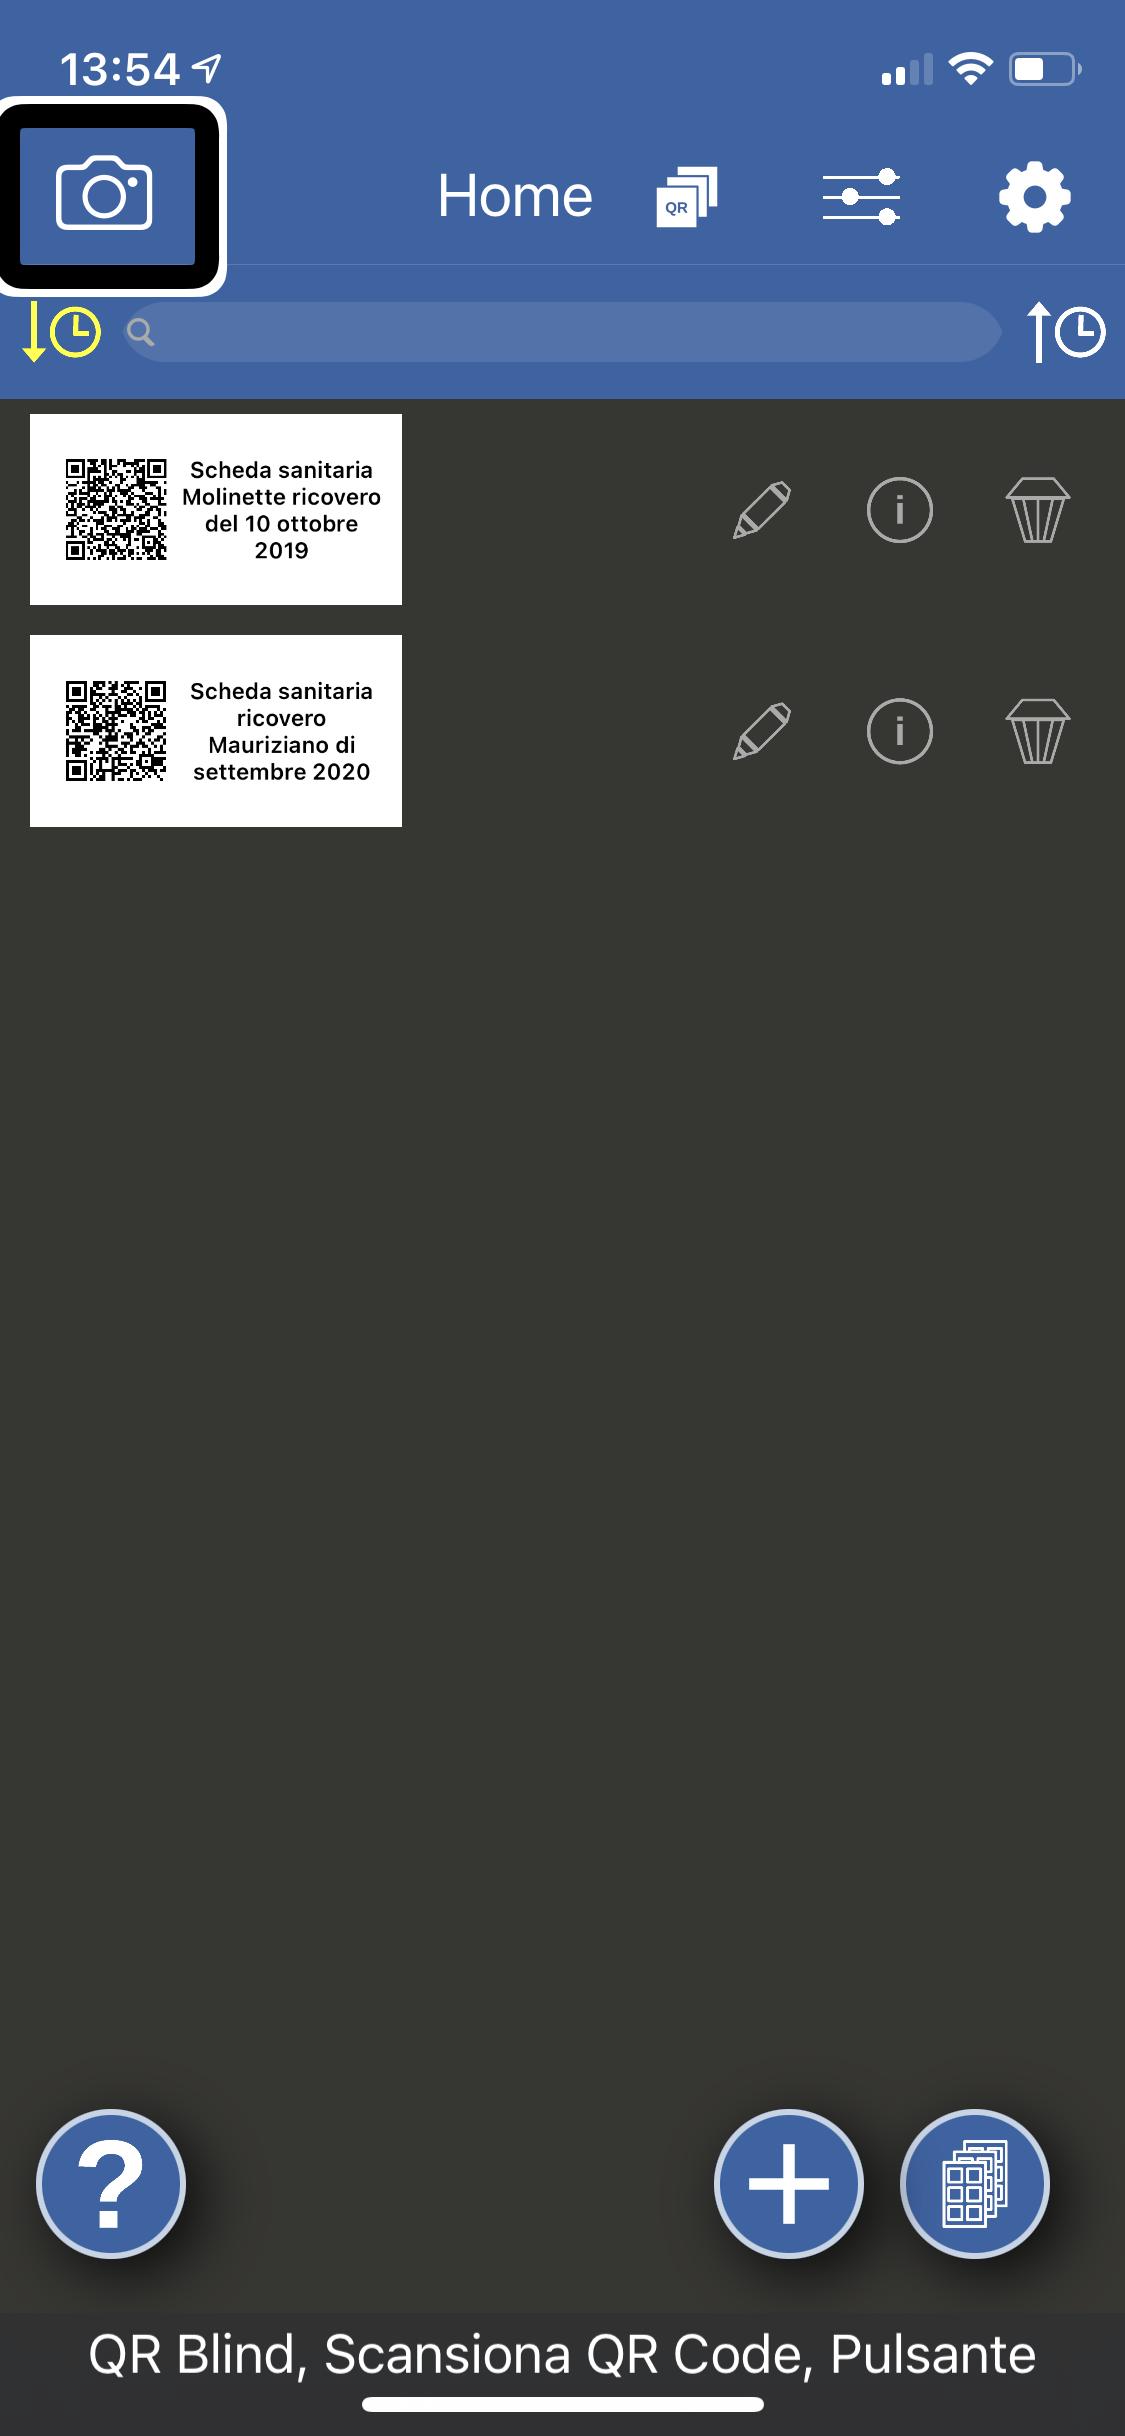 Nell'immagine un iPhone con aperta l'app di QR Blind alla pagina home